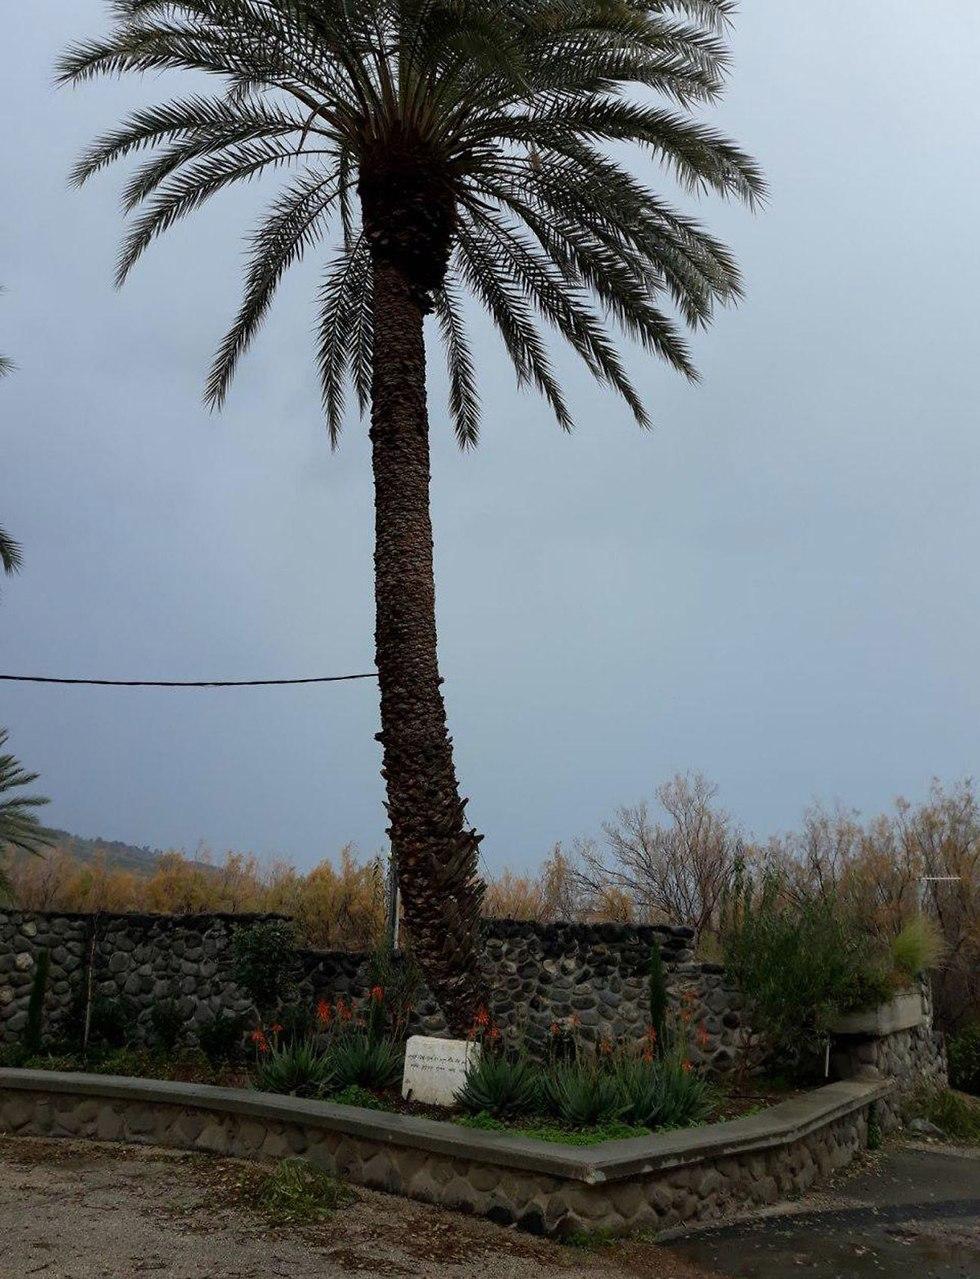 דקל קרס בסערה במועצה אזורית בקעת הירדן ()